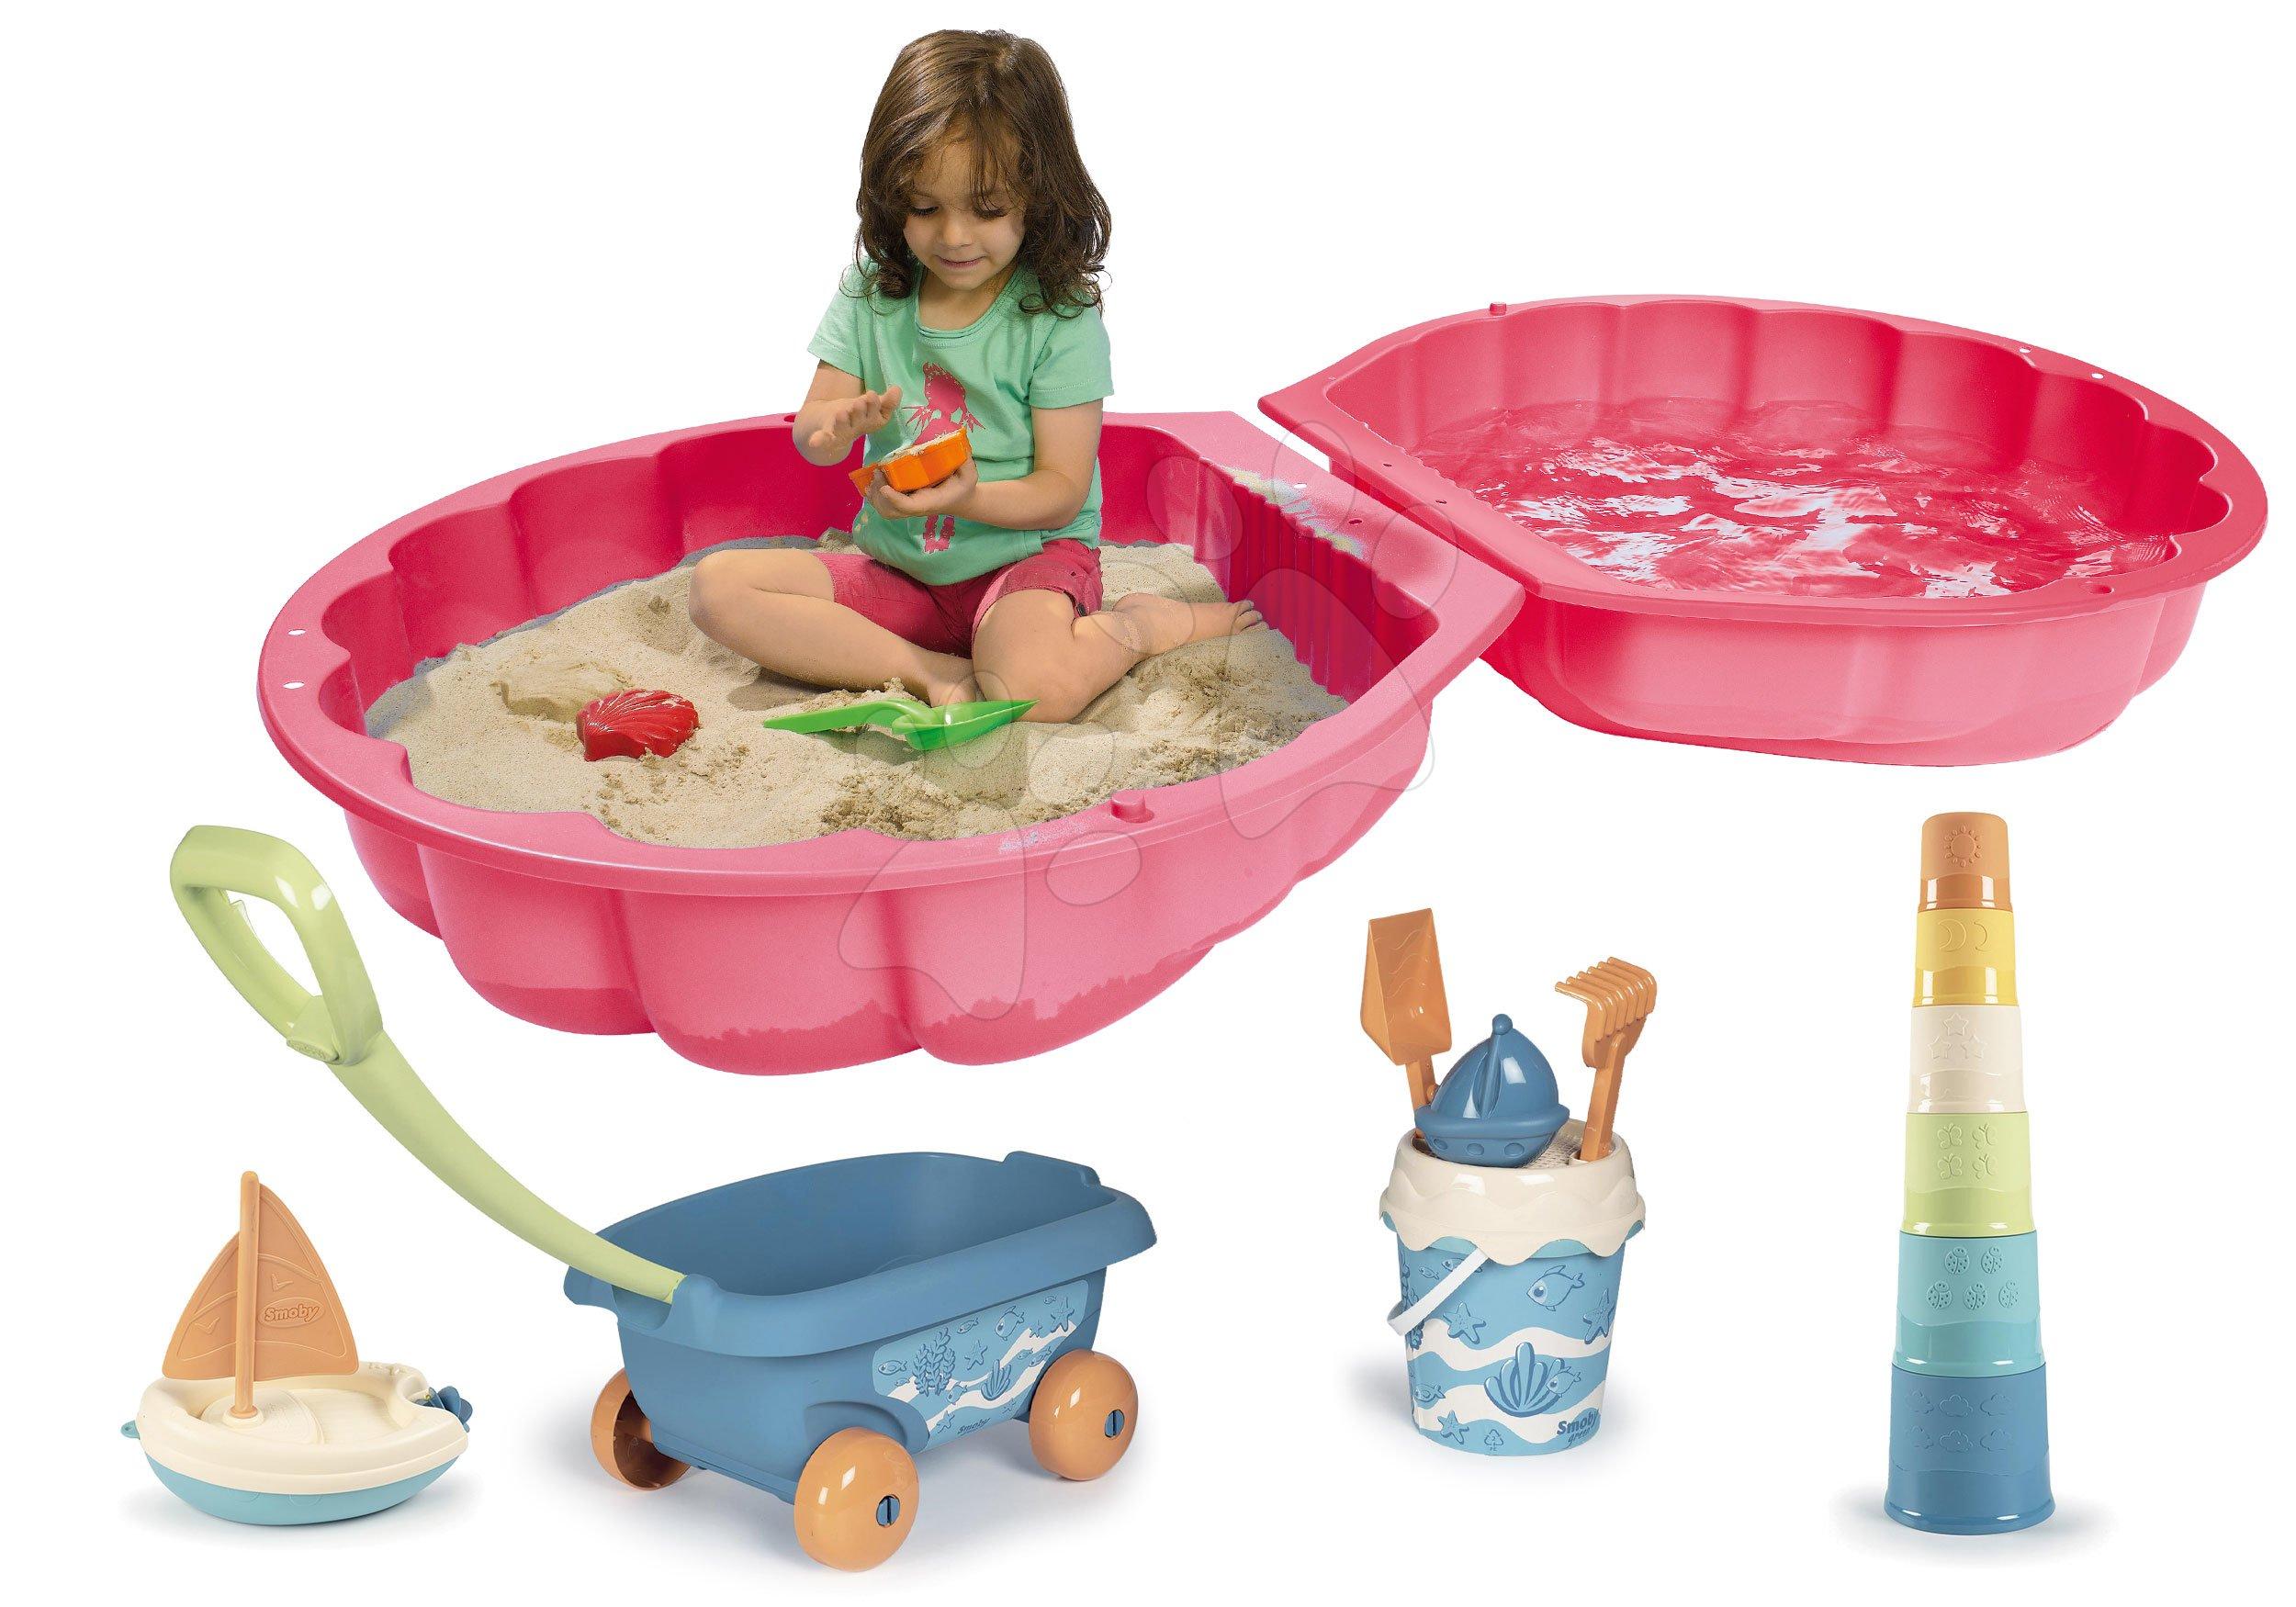 Set pískoviště mušle dvoudílné Watershell Pink BIG růžové a vozík na tahání z cukrové třtiny Bio Sugar Cane s bábovičkami